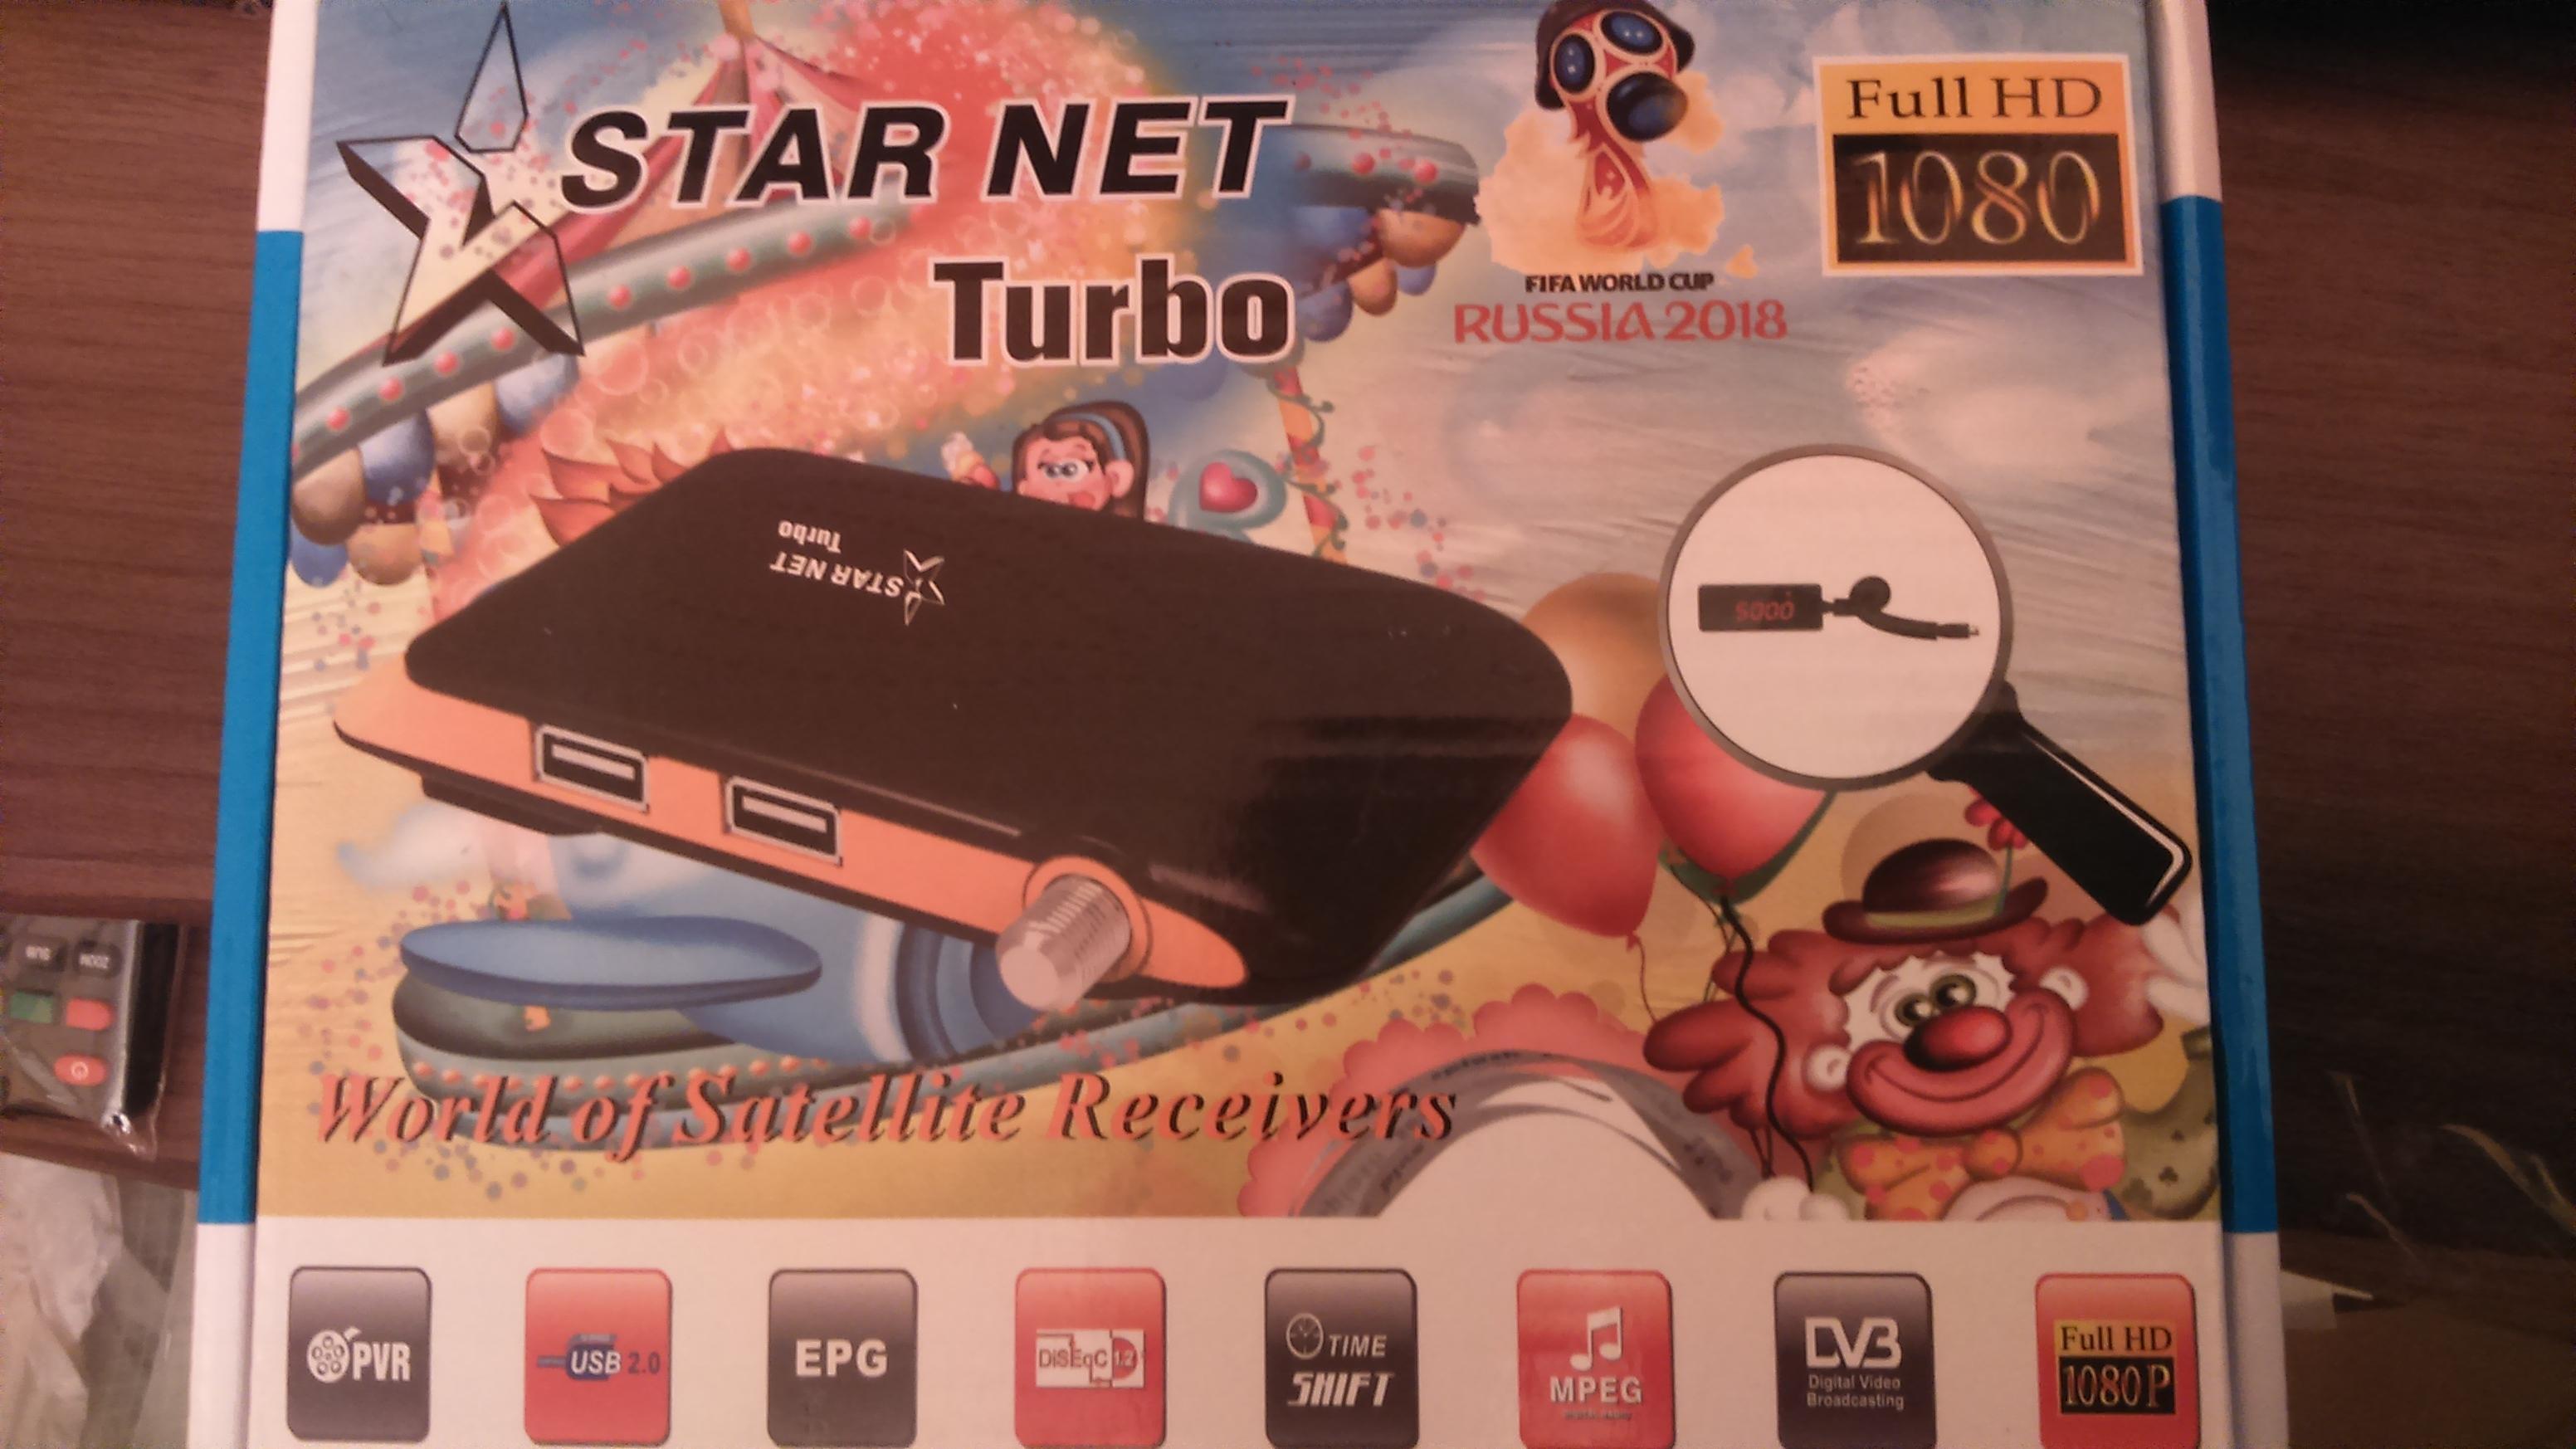 احدث ملف قنوات اسلامي انجليزي وسوفت تفعيل IPTV لـ STAR NET Turbo بتاريخ 13-4-2019 397770071